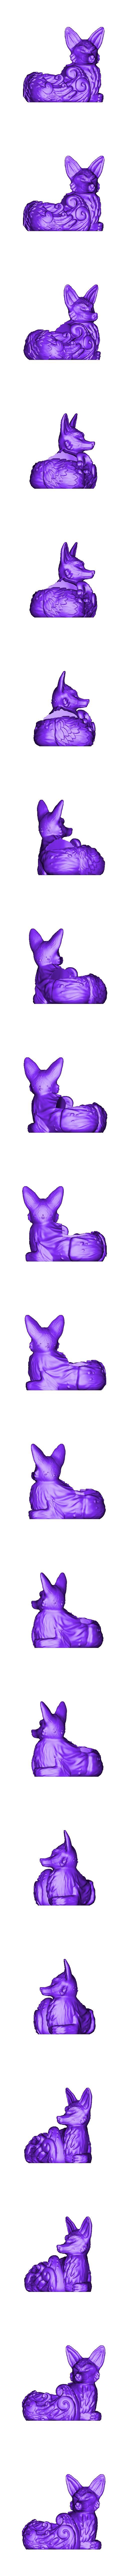 NIGHT FOX PLANTER.stl Télécharger fichier OBJ Jardinière de renard des forêts nocturnes - STL pour l'impression 3D • Plan pour imprimante 3D, FabioDiazCastro